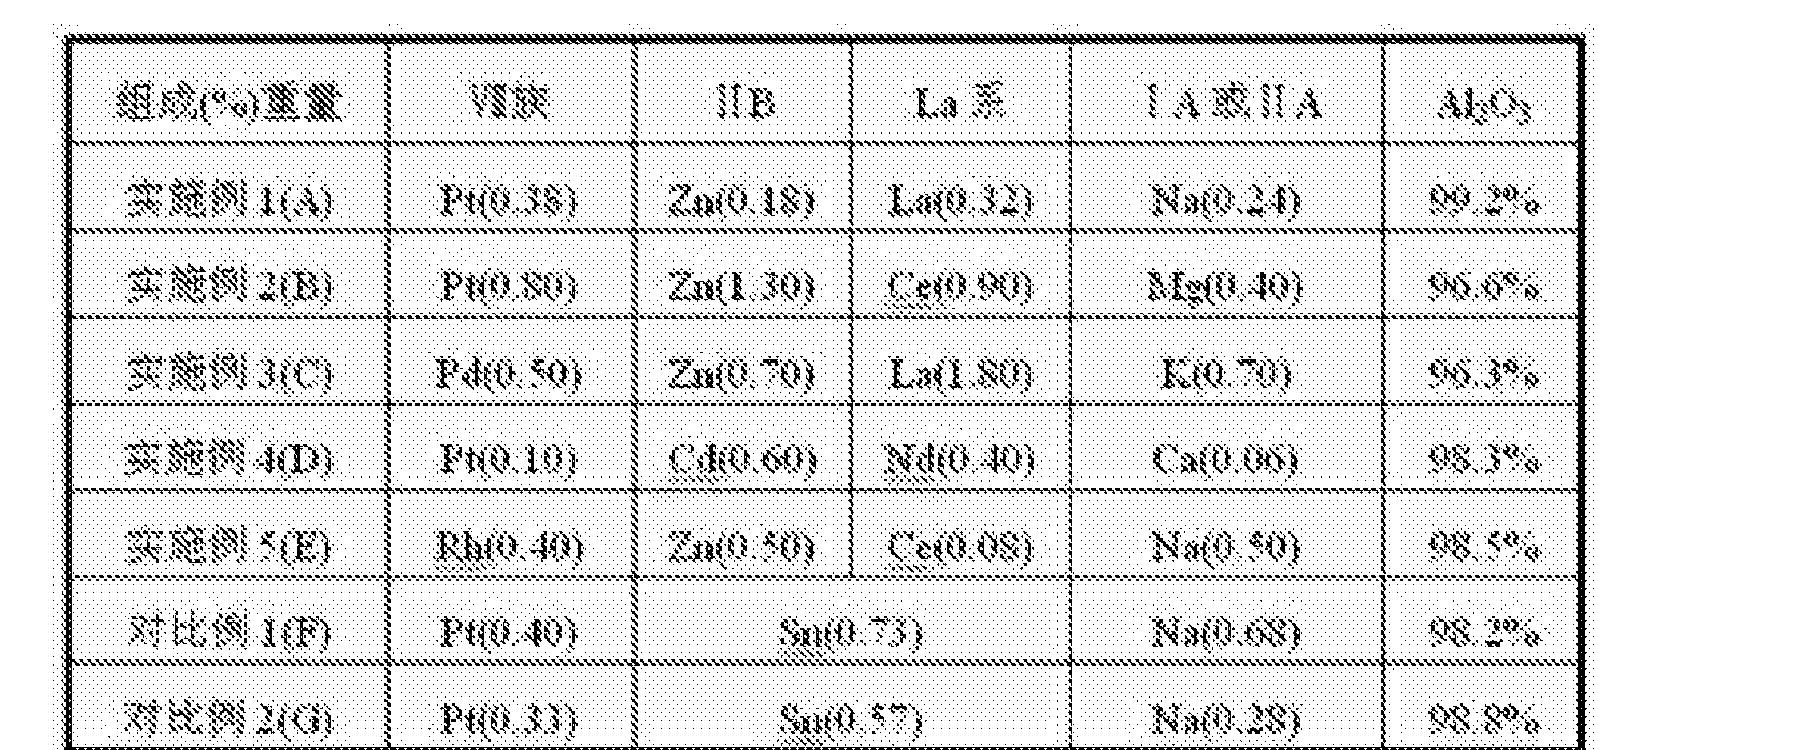 Figure CN103420769BD00061